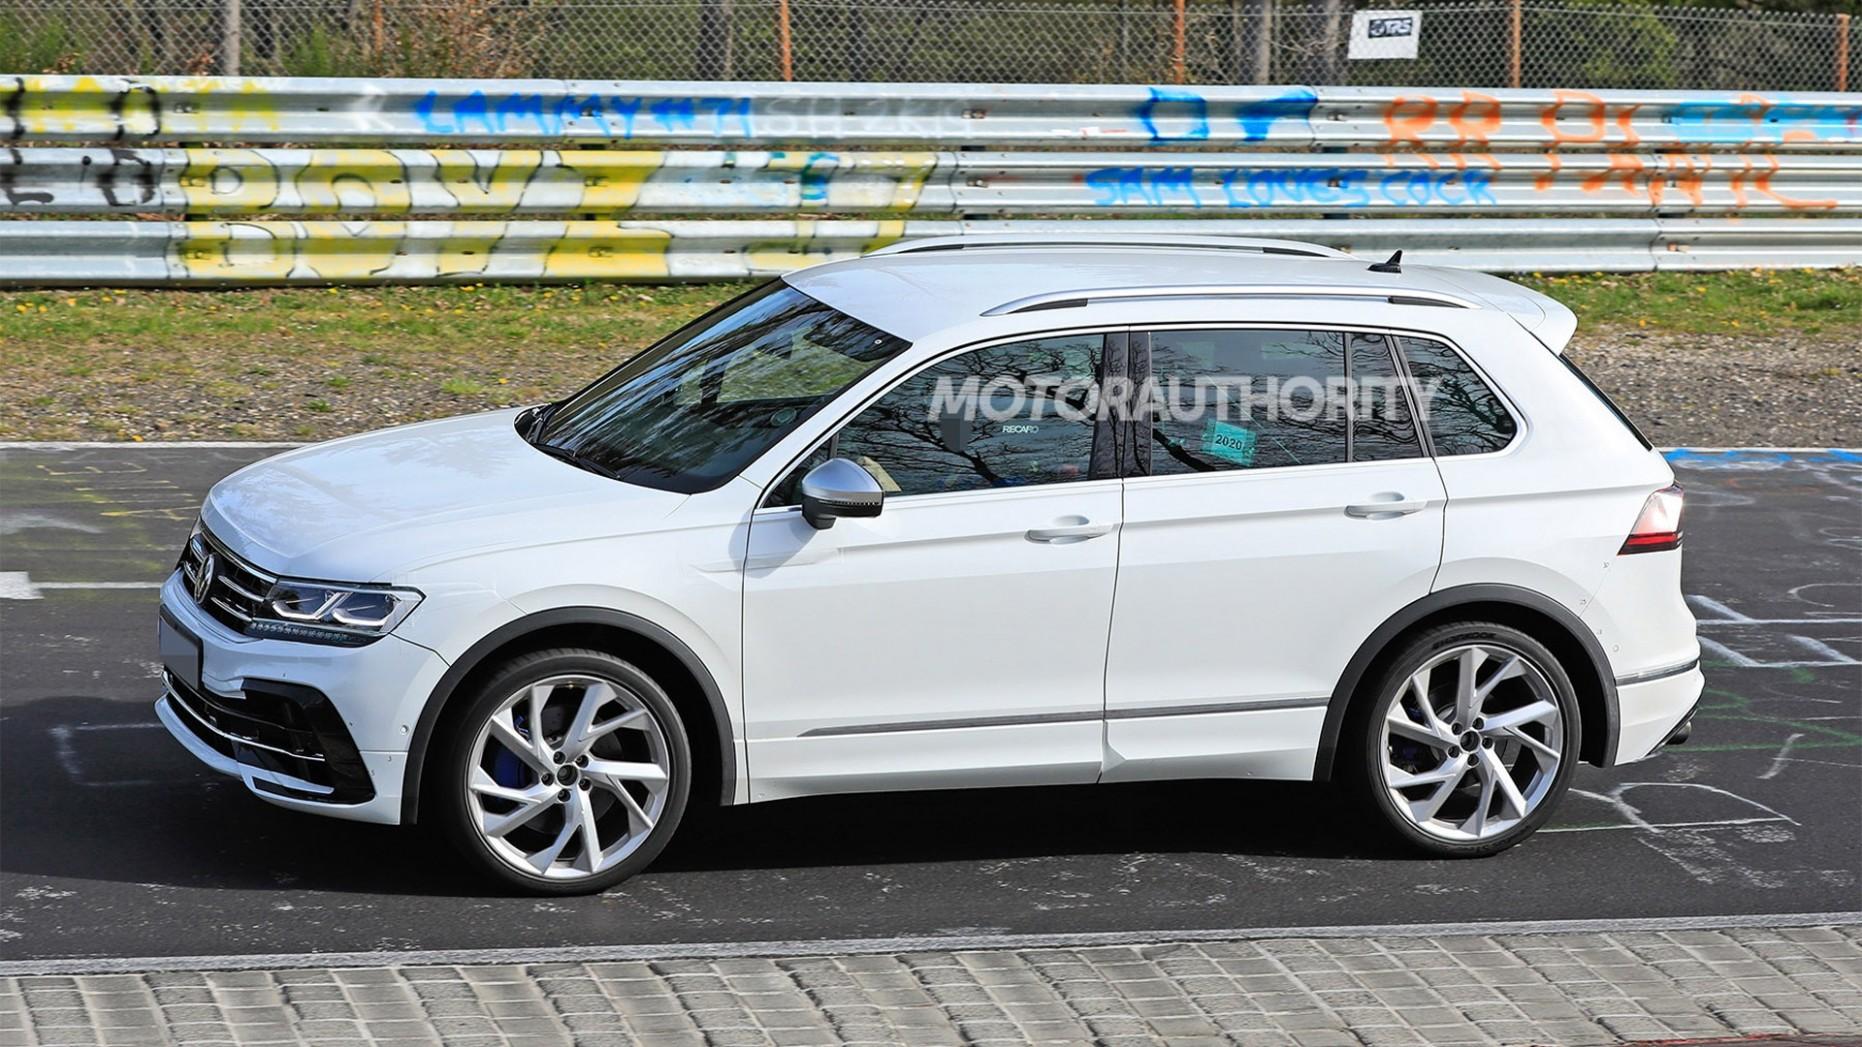 4 Volkswagen Tiguan R spy shots and video - Volkswagen Suv 2021